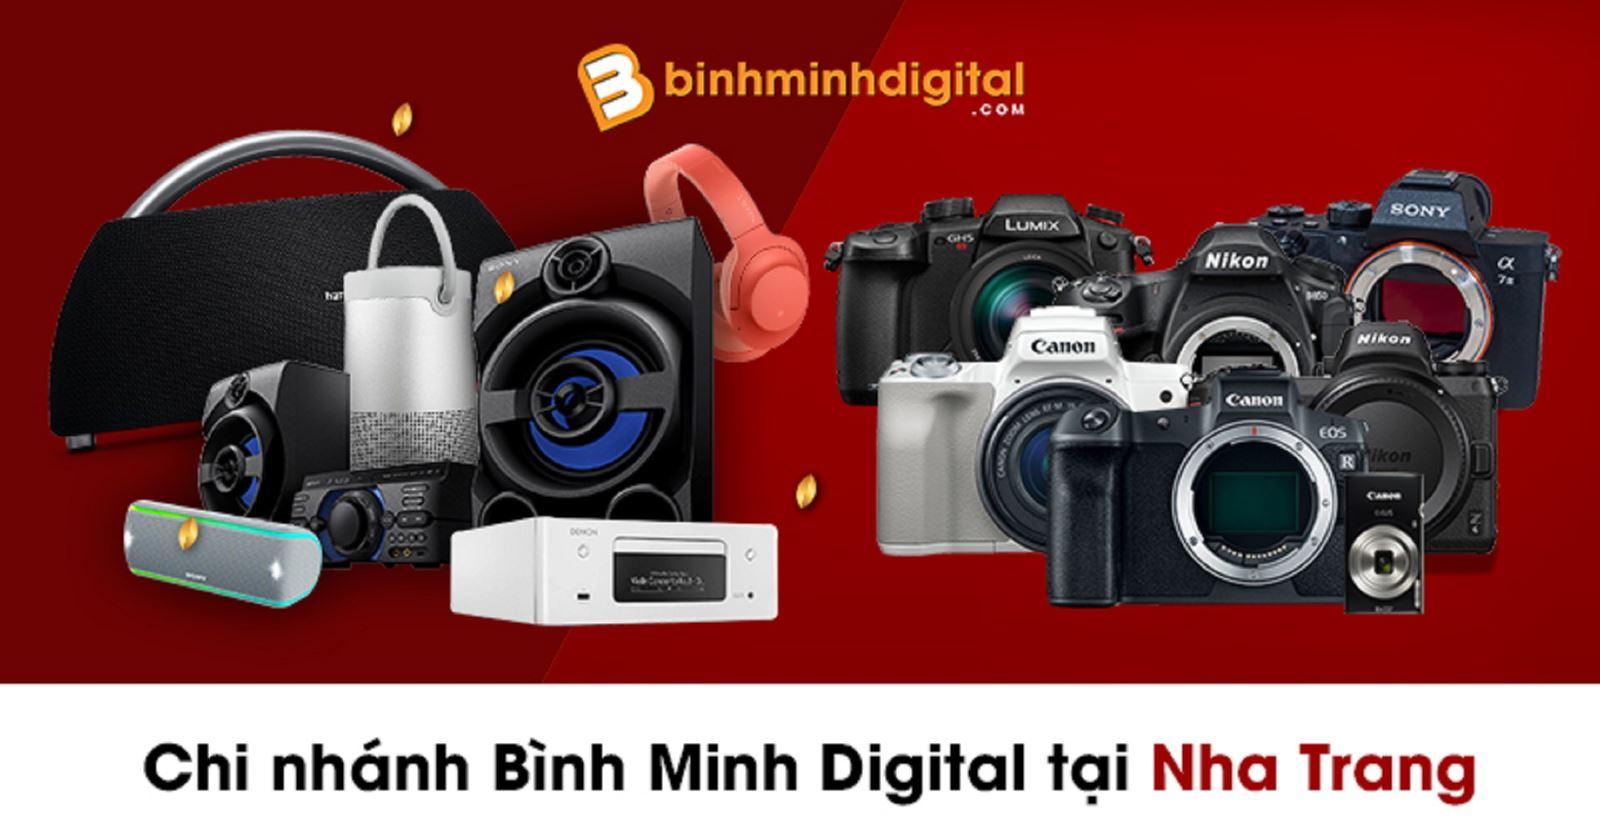 Chi nhánh Bình Minh Digital tại Nha Trang